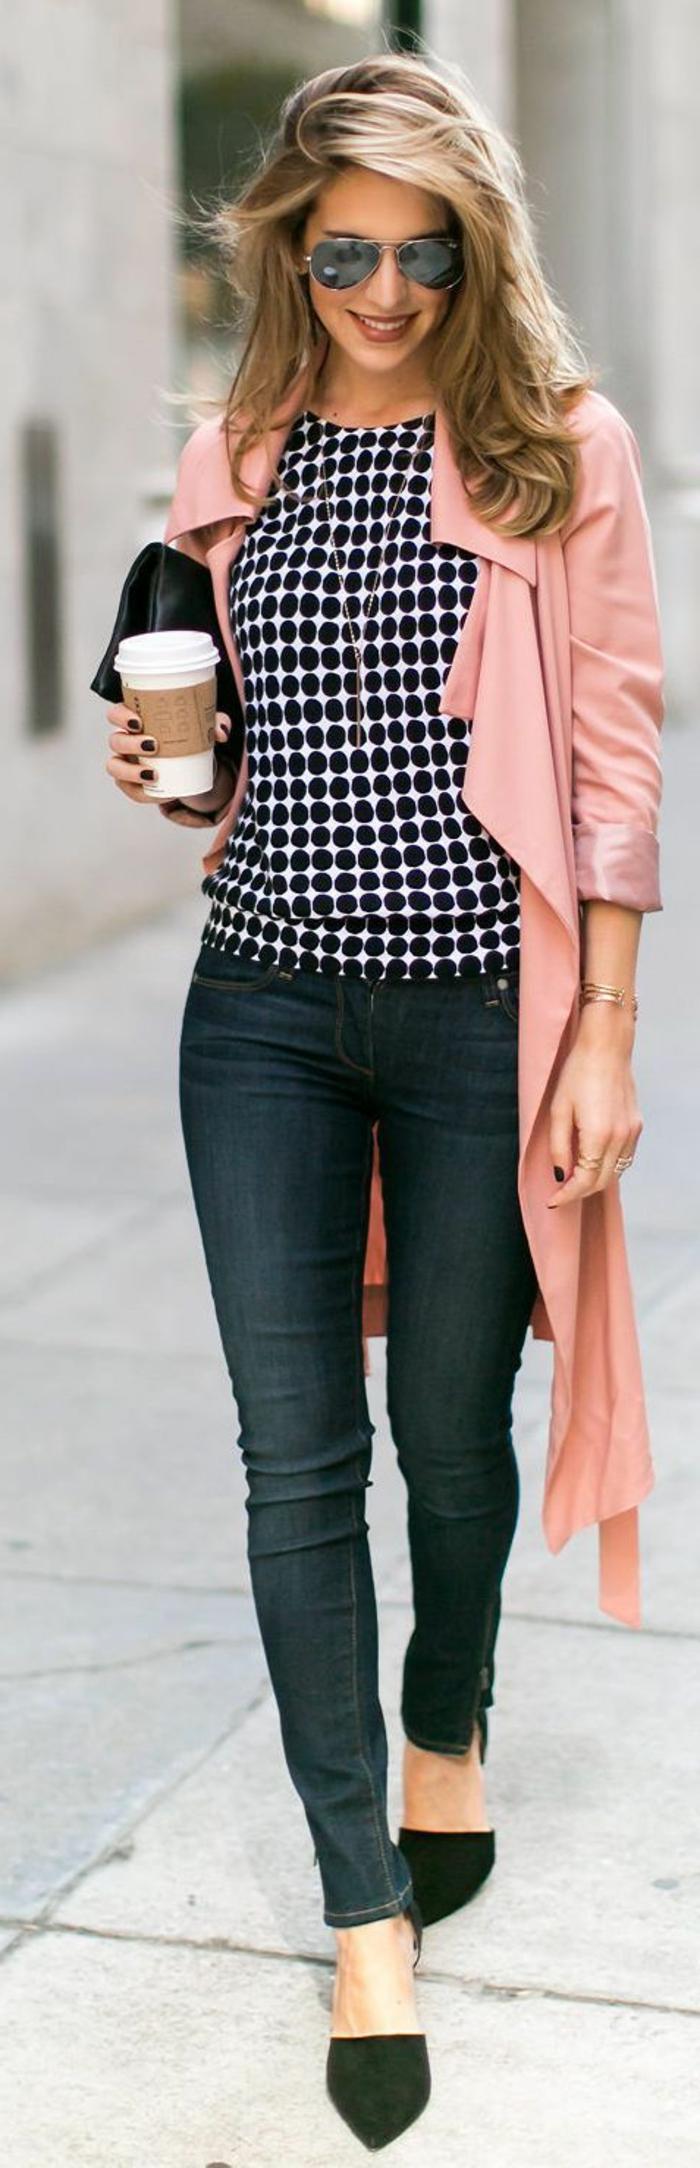 joli-manteau-camaieu-rose-pour-les-femmes-modernes-tendances-hiver-2015